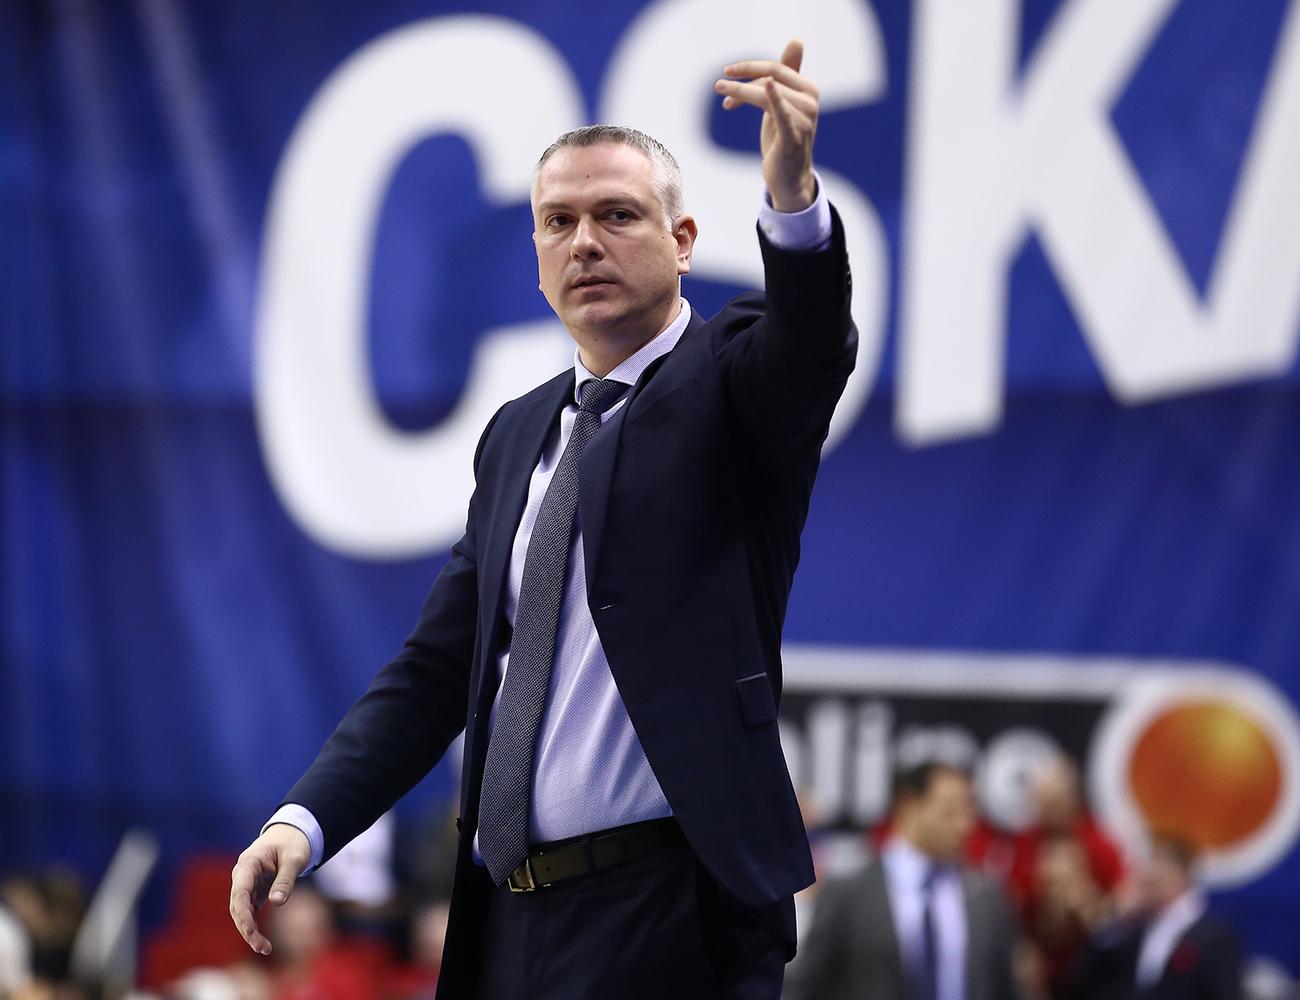 Эмиль Райкович — новый главный тренер «Автодора»!